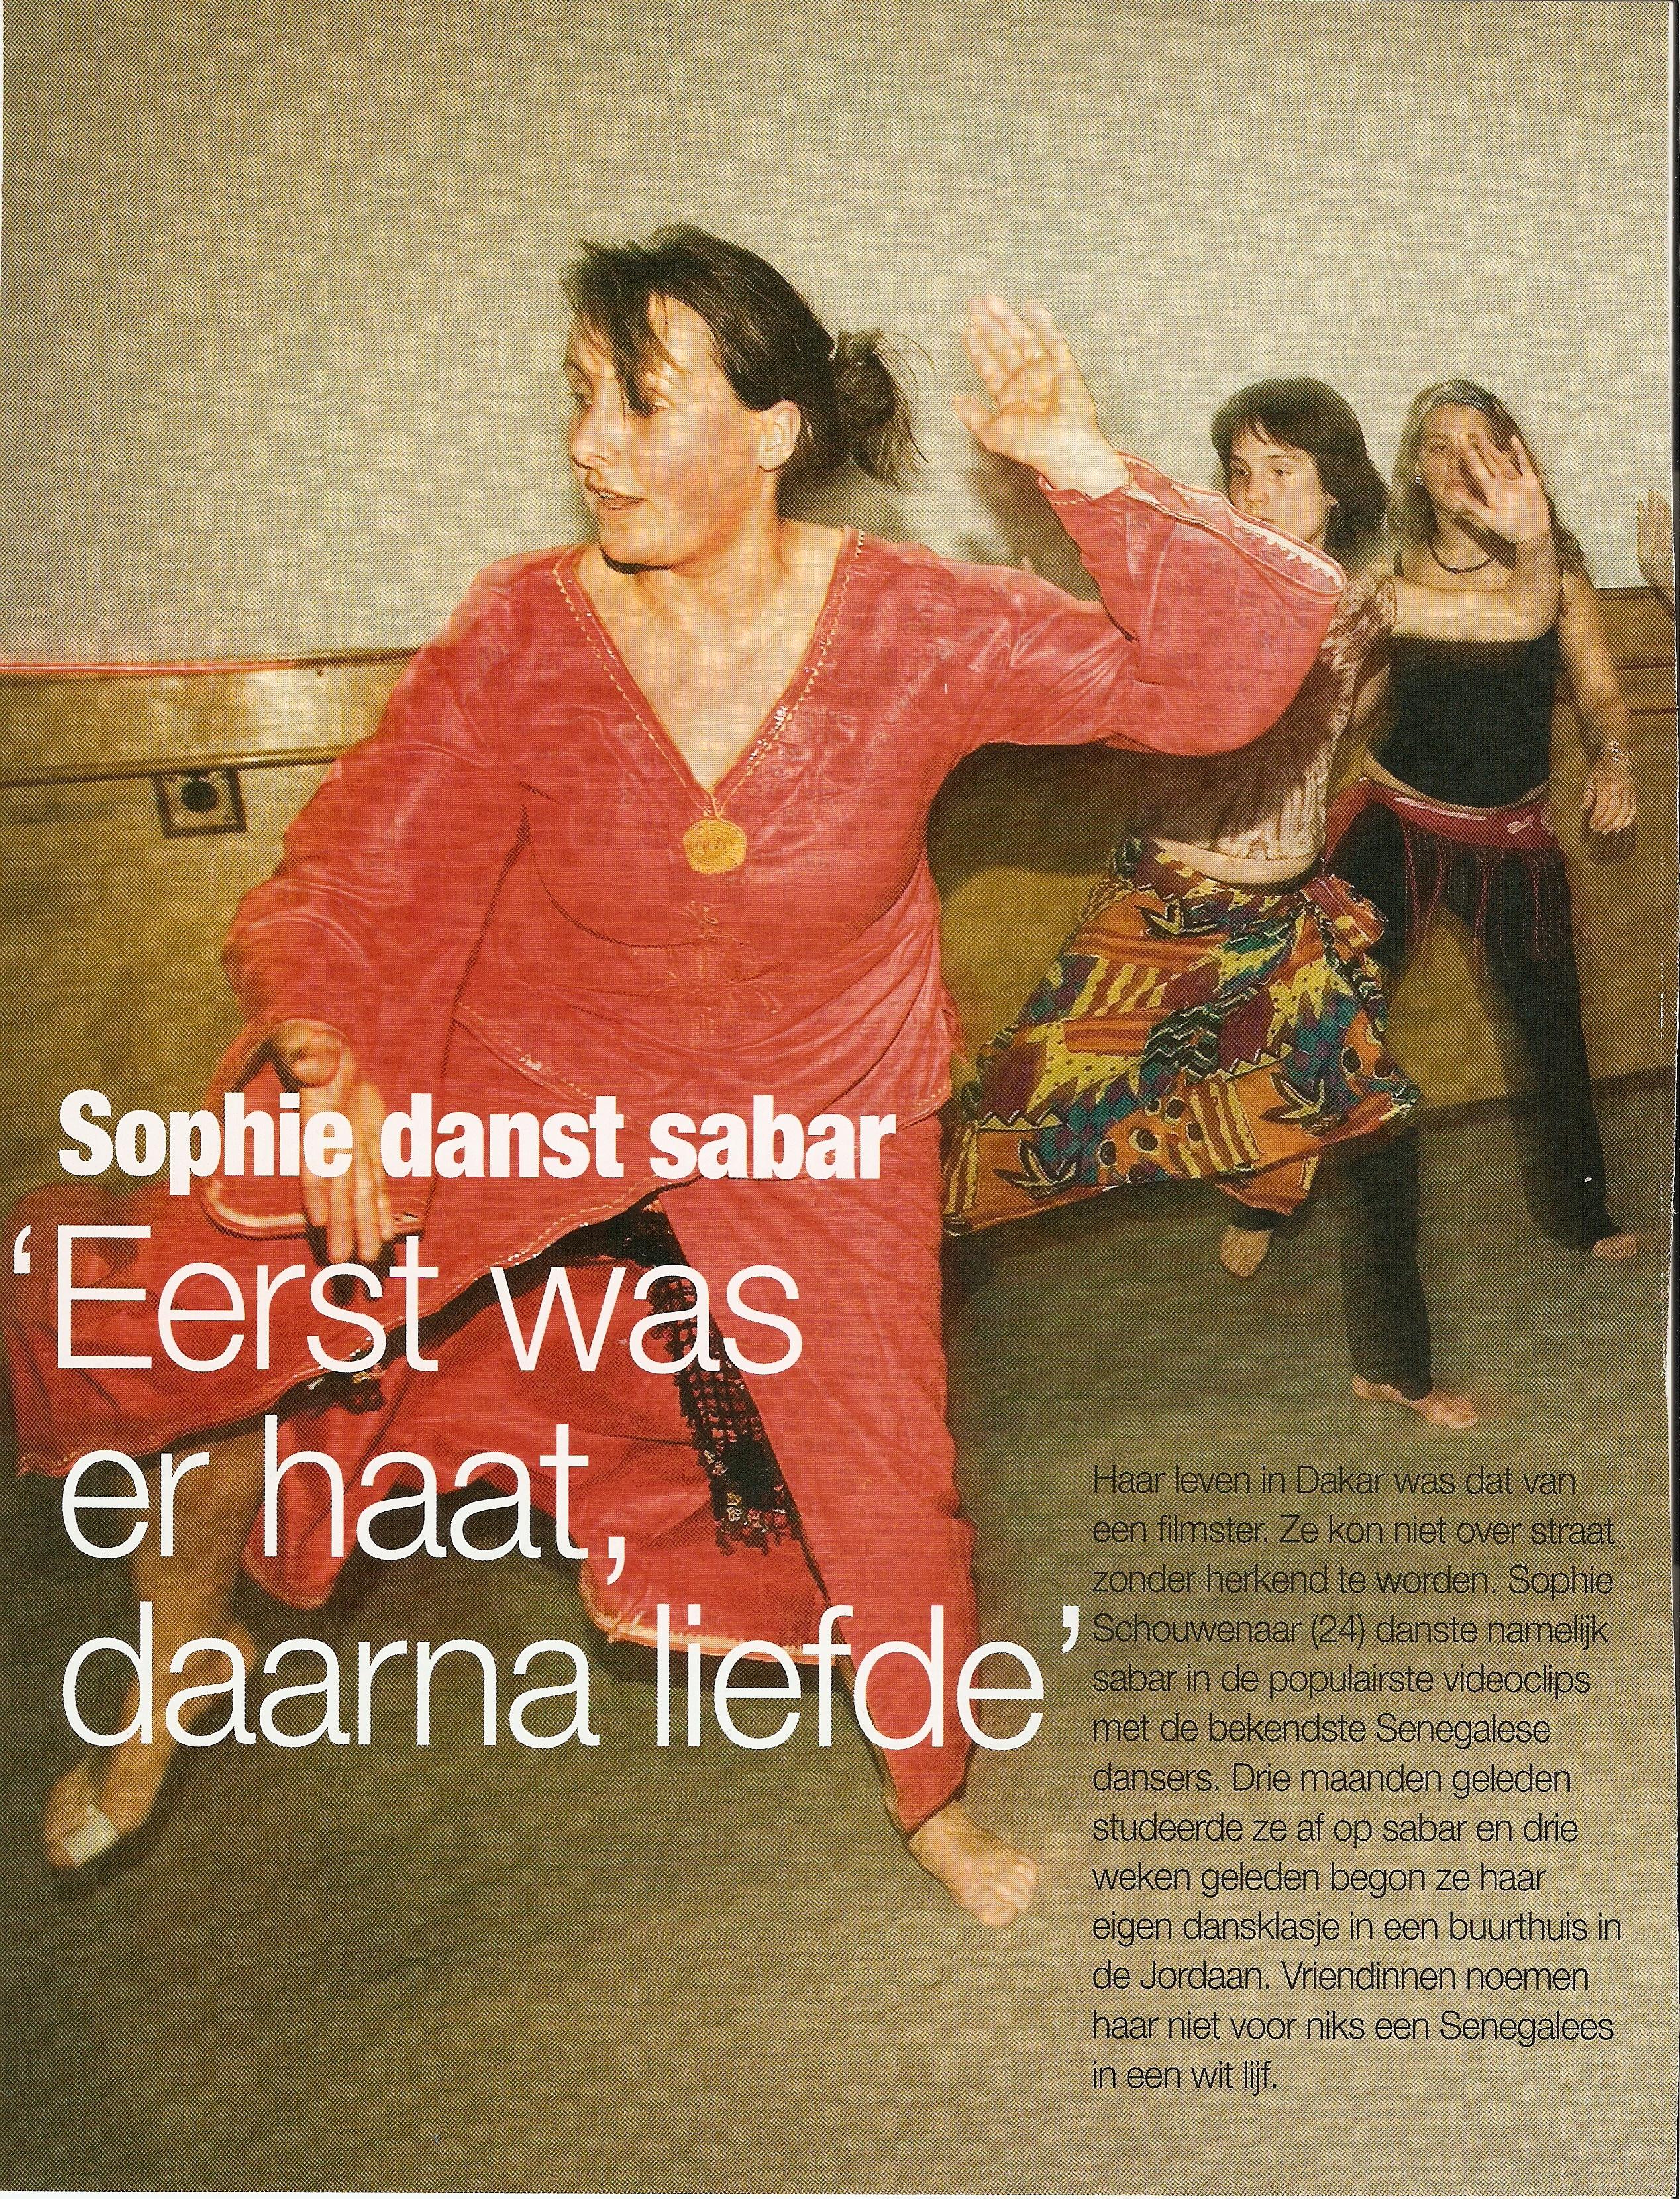 Colorfull Magazine_Sofie danst sabar